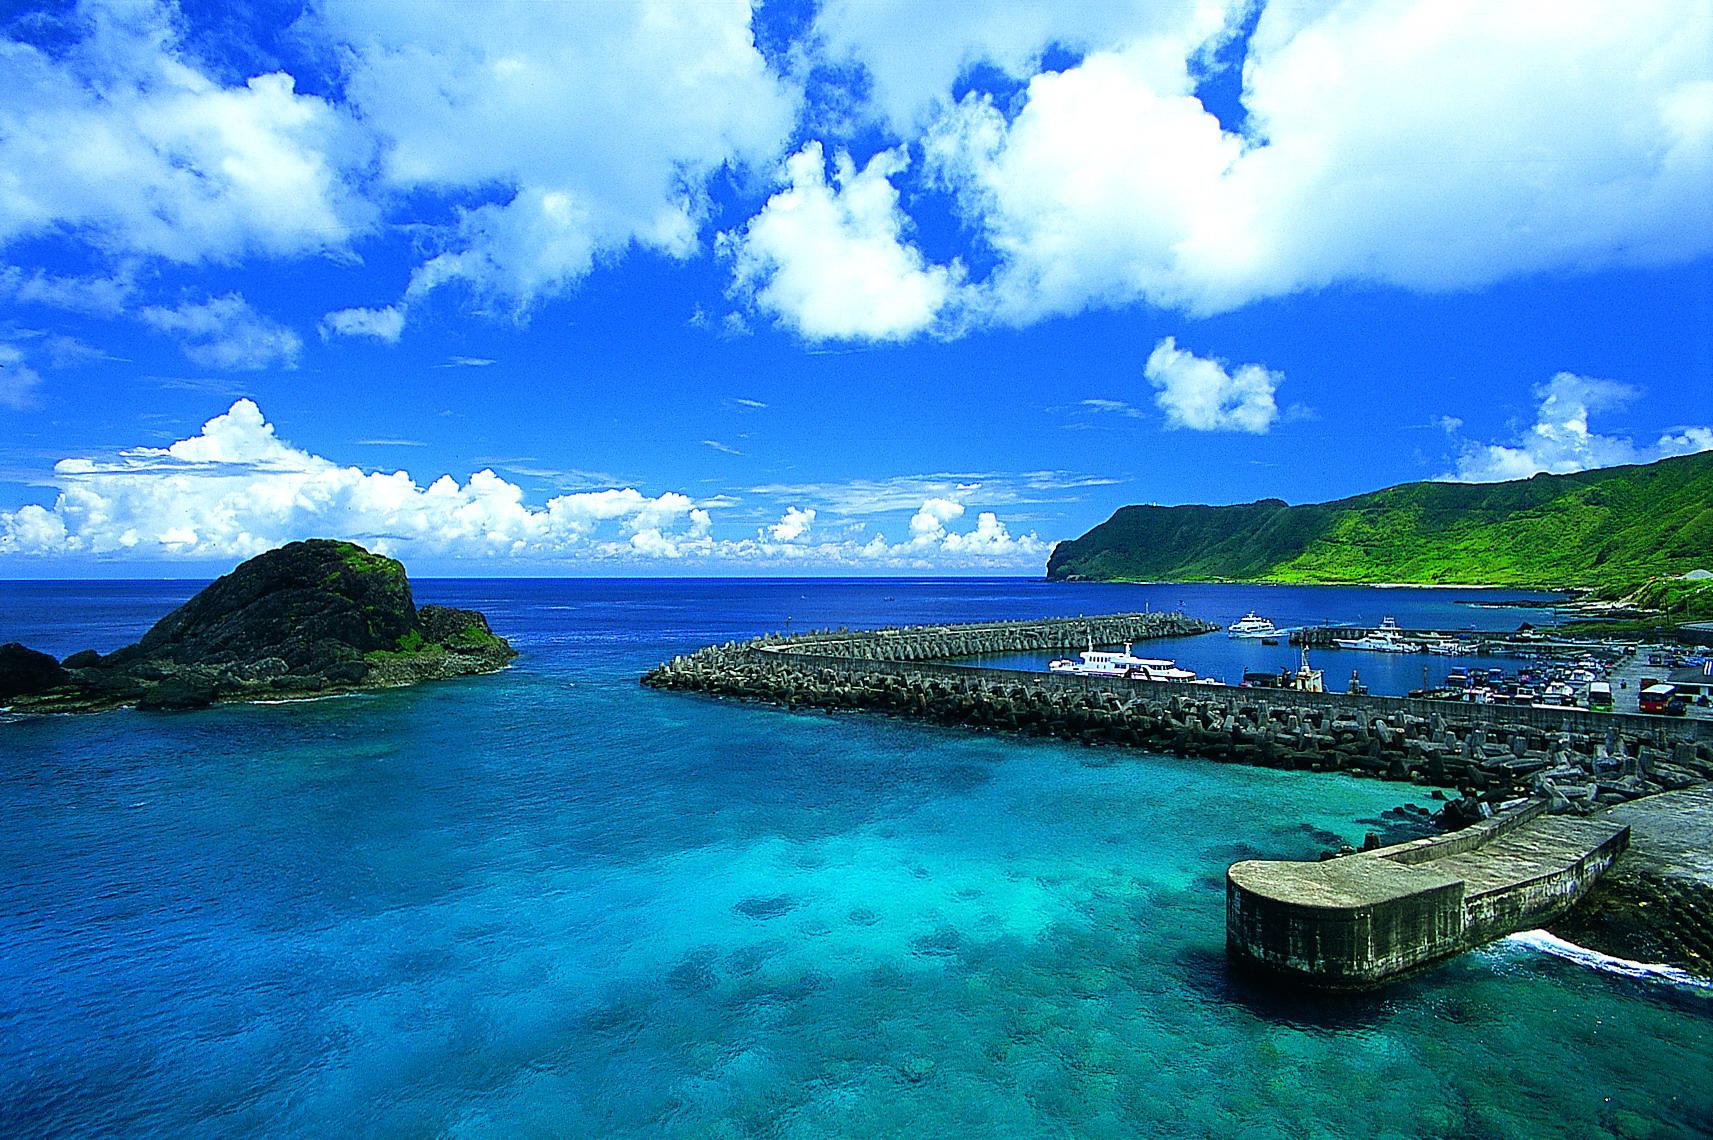 佇立海上的古老蘭色島嶼 ???????????? 達悟族的11個蘭嶼秘境!